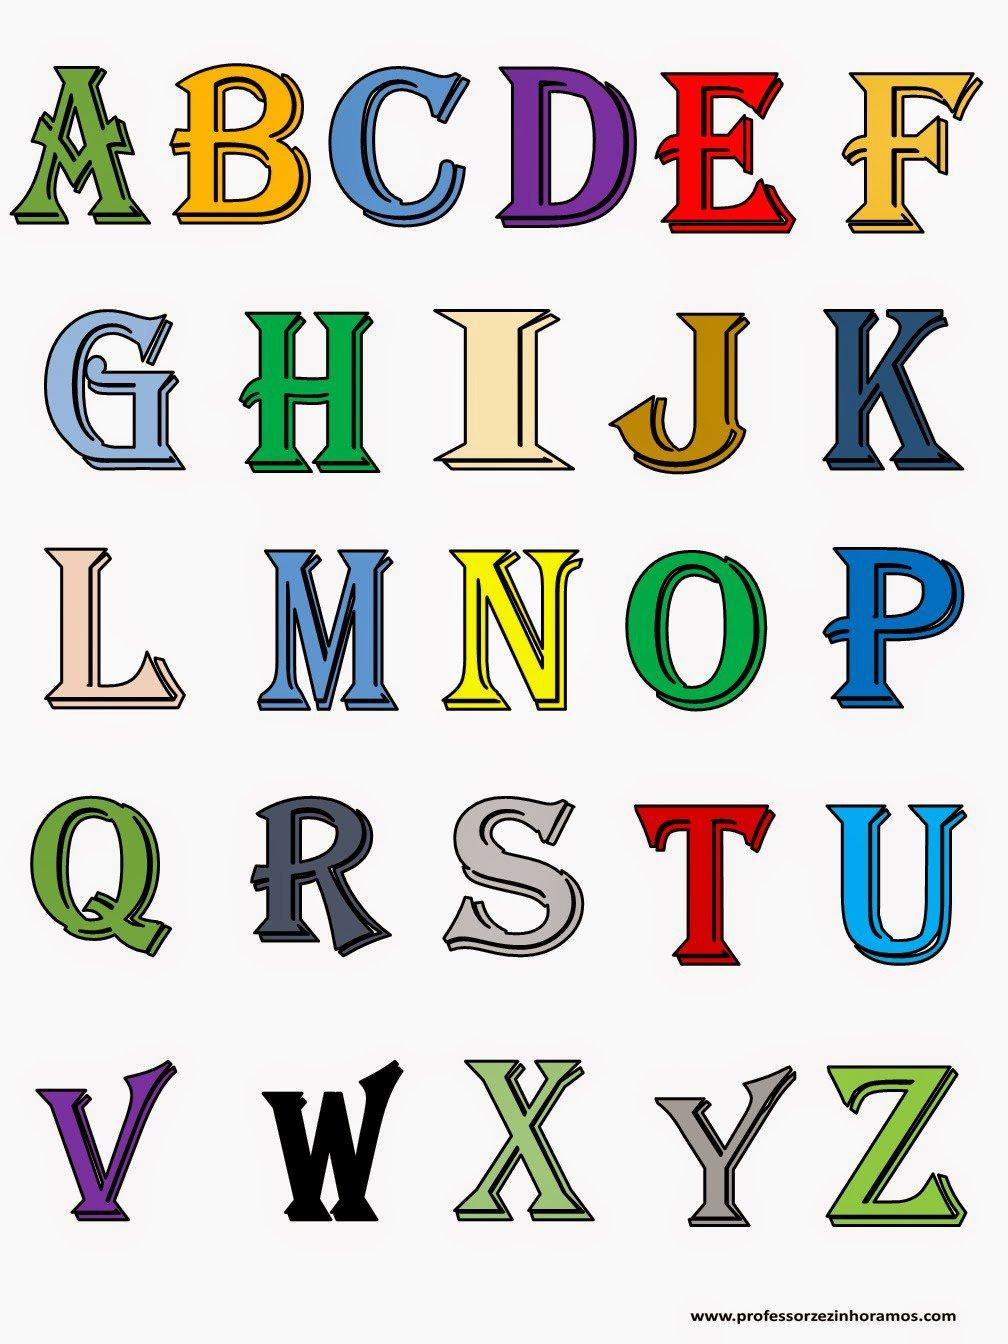 Blog Professor Zezinho   Moldes De Letras Coloridas Para Imprimir I